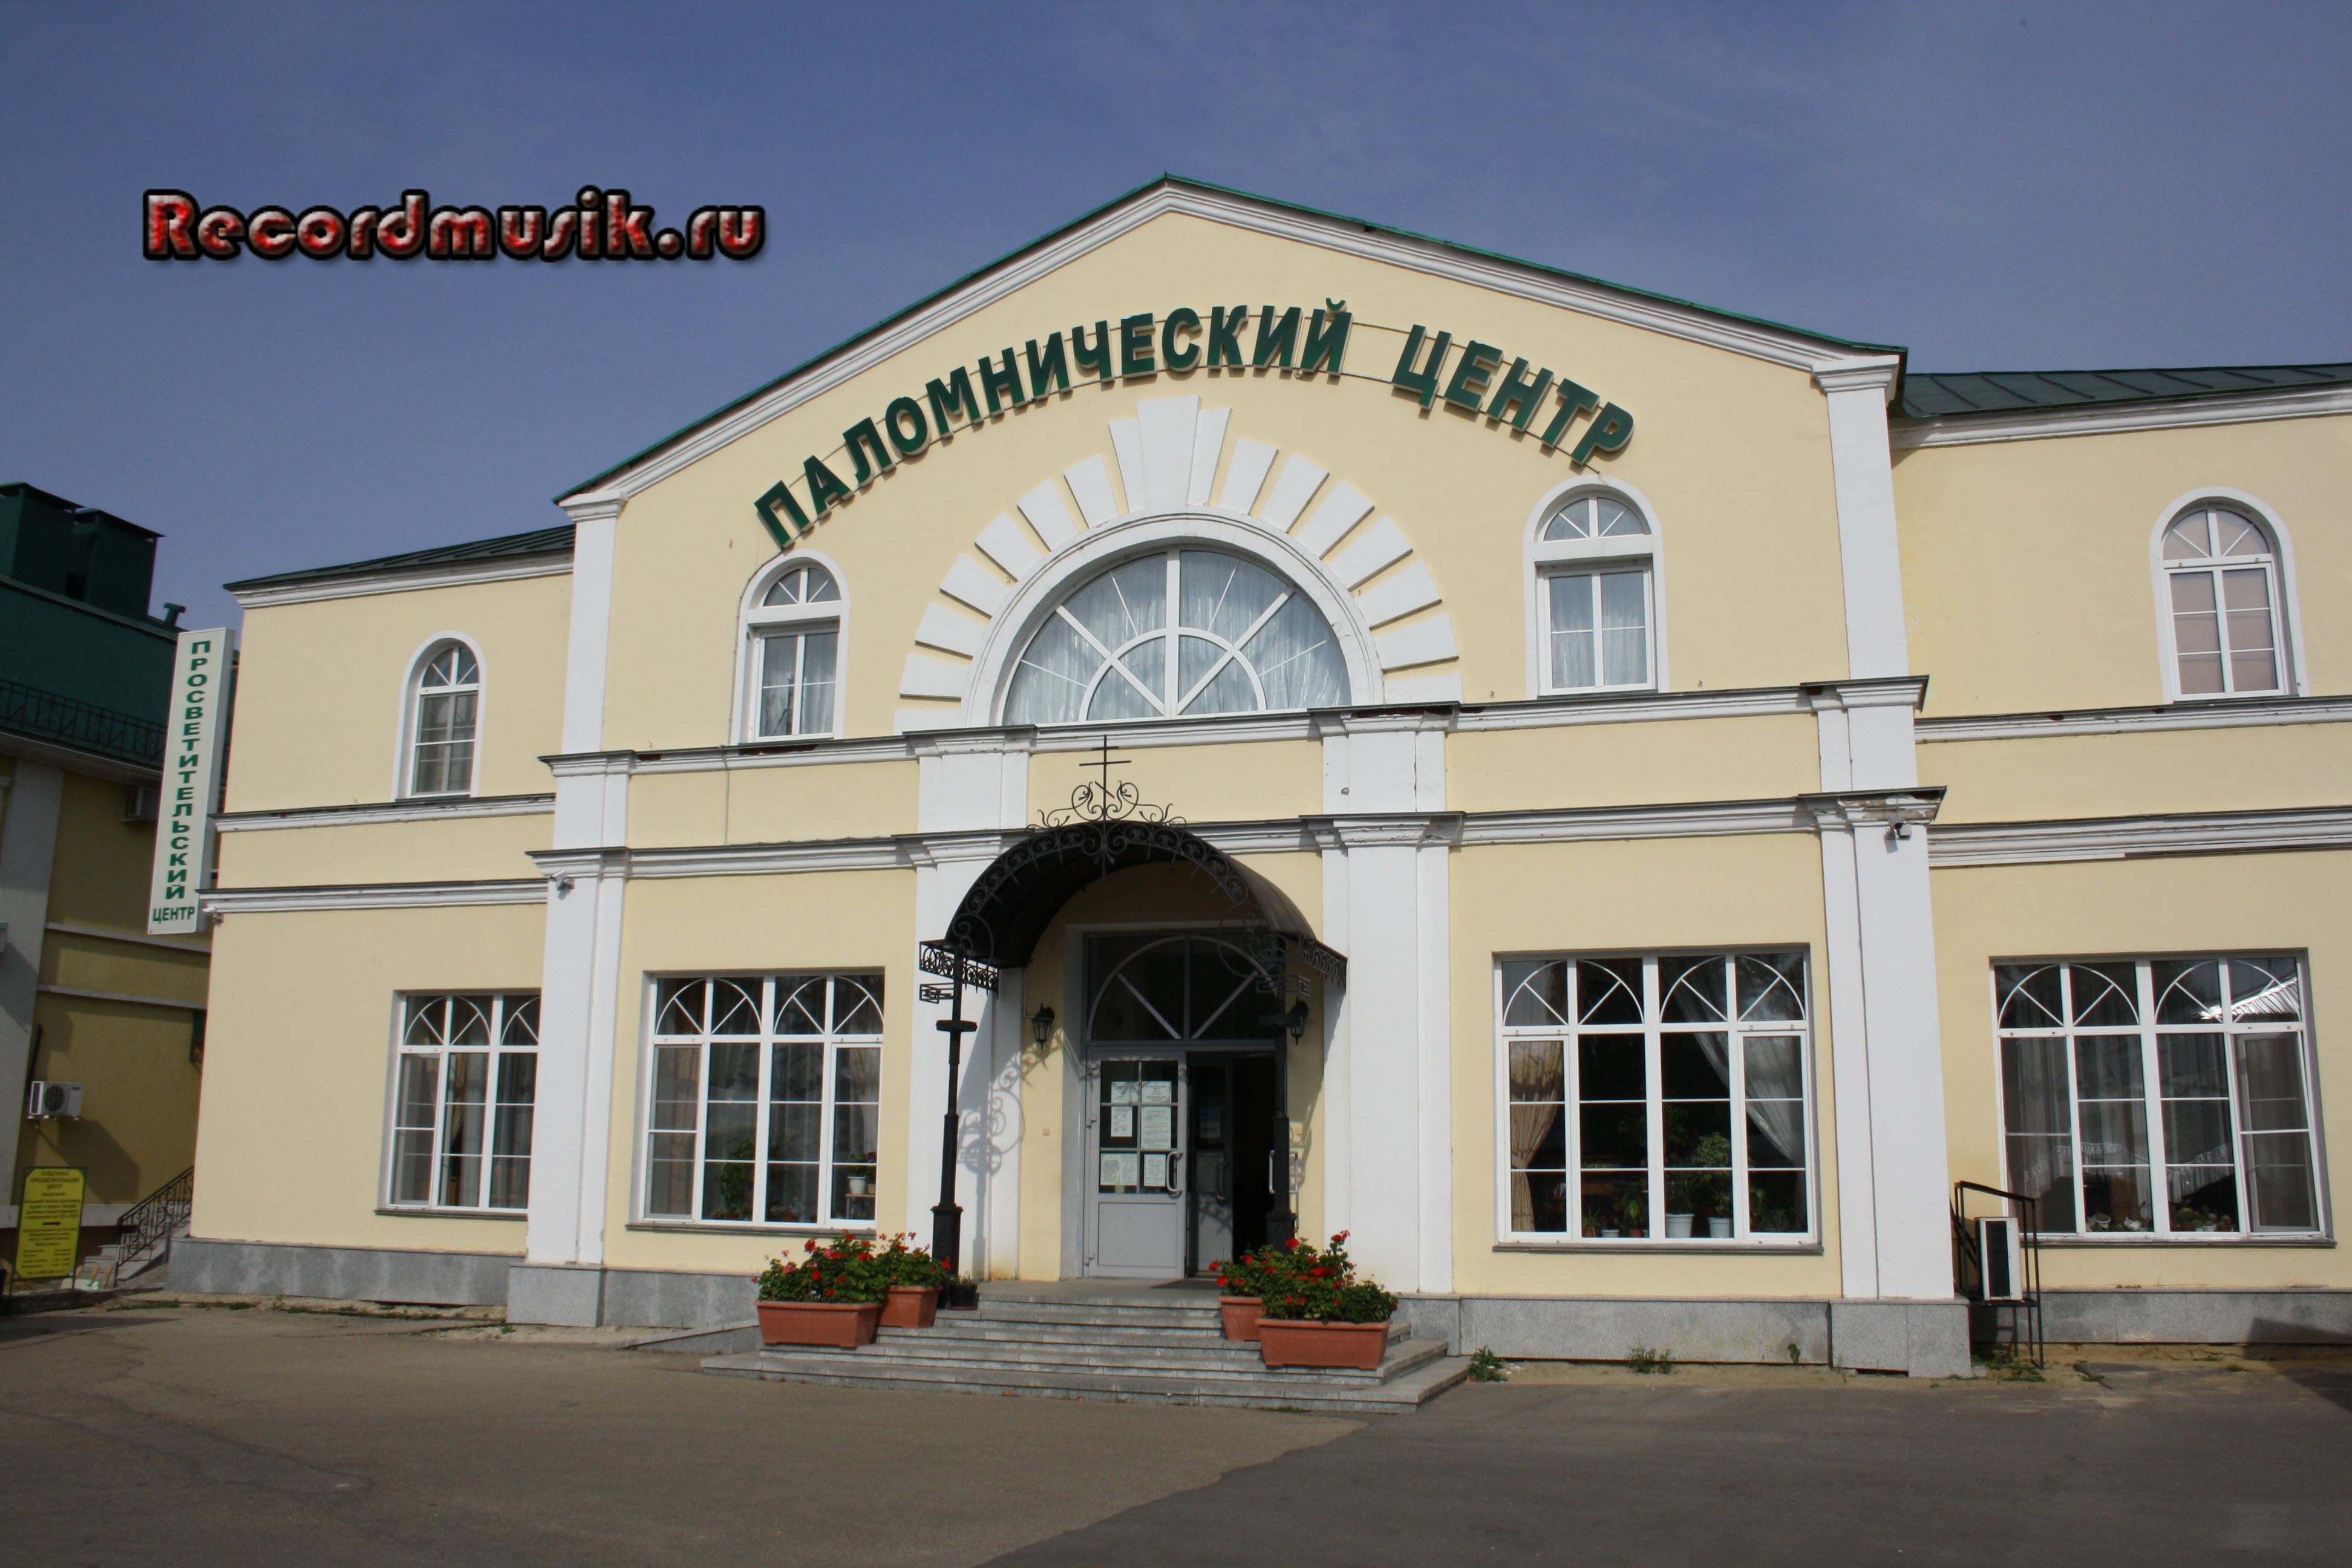 Мой отдых в Нижегородской области - паломнический центр